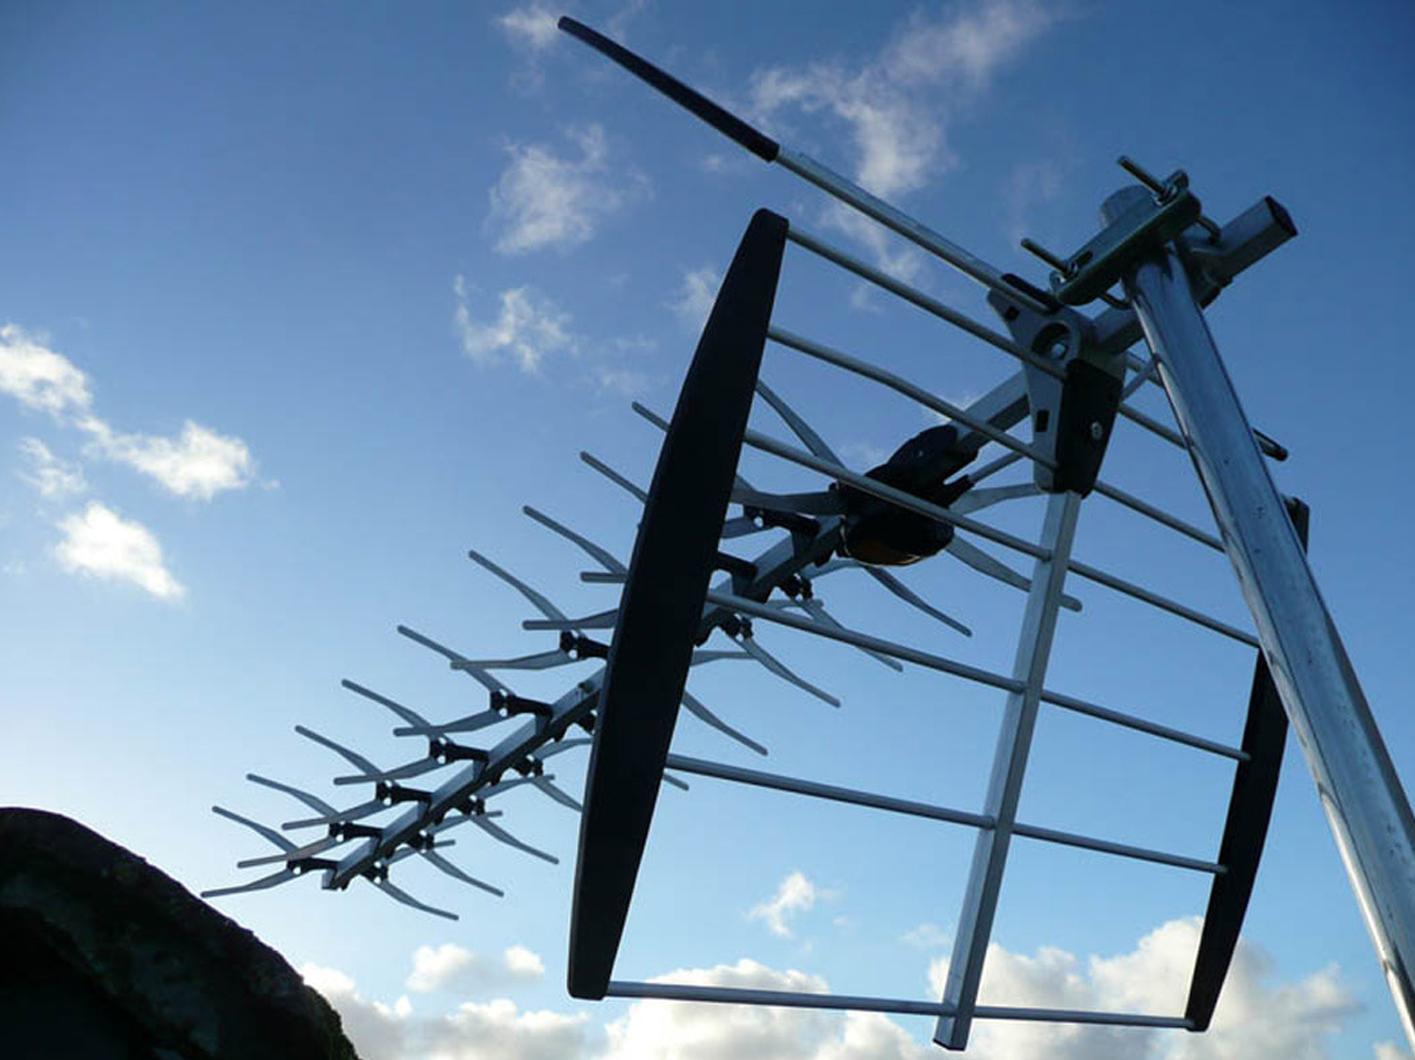 Digital TV Aerial Installation Netcom